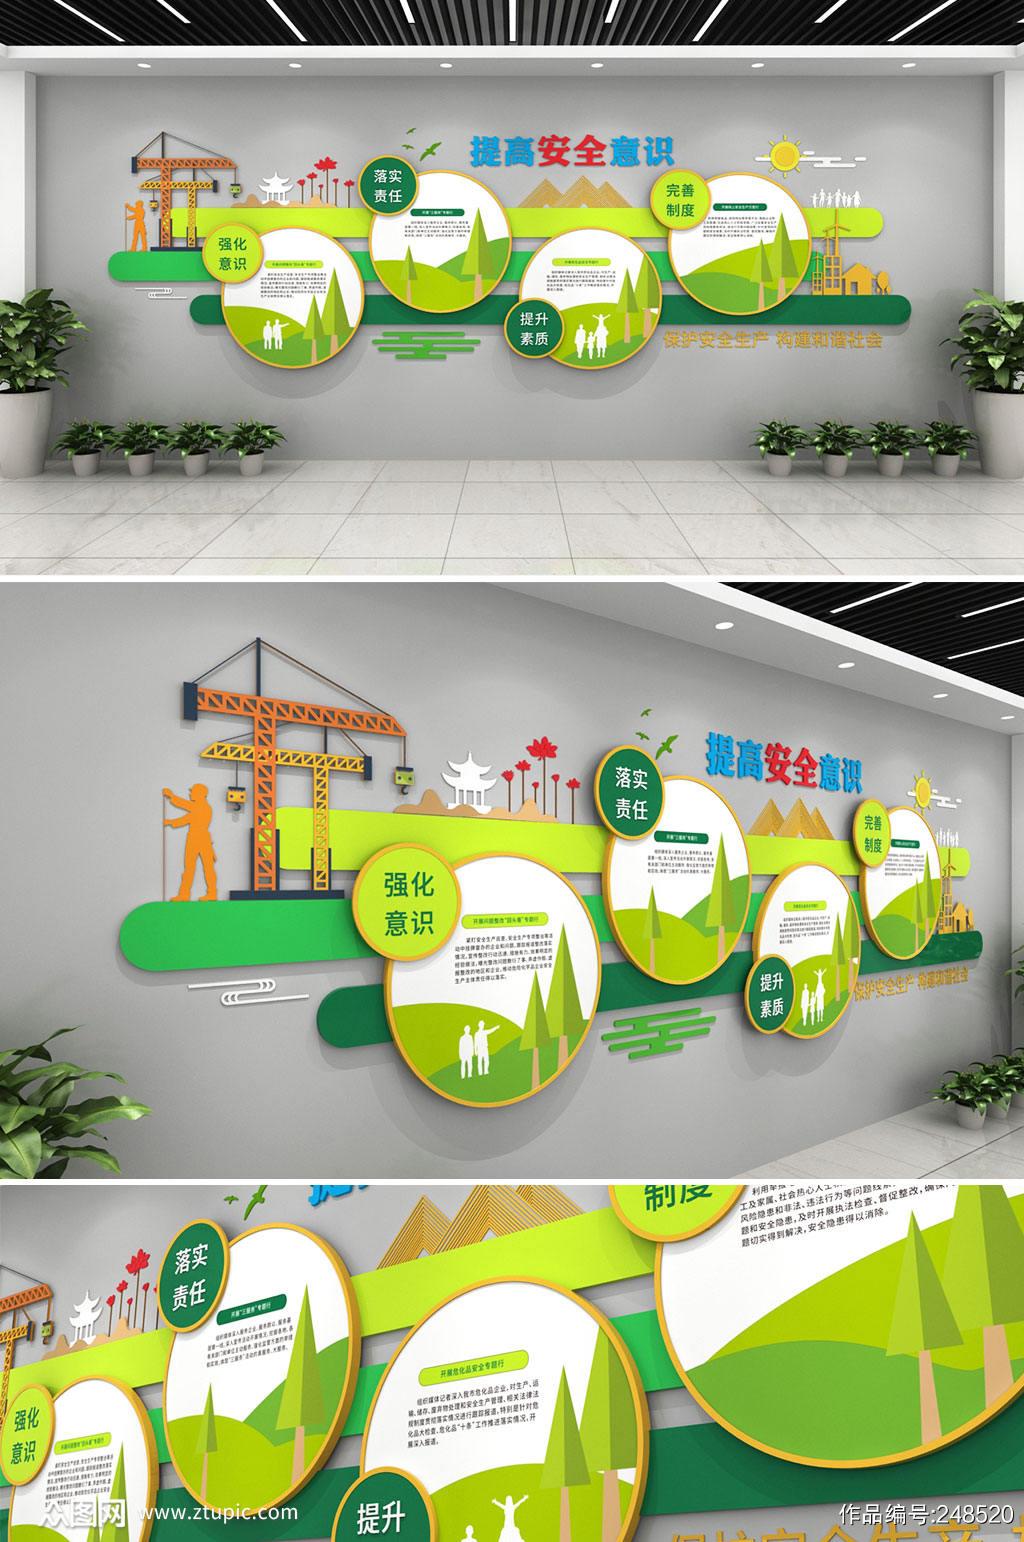 小清新安全生产企业安监党建文化墙素材